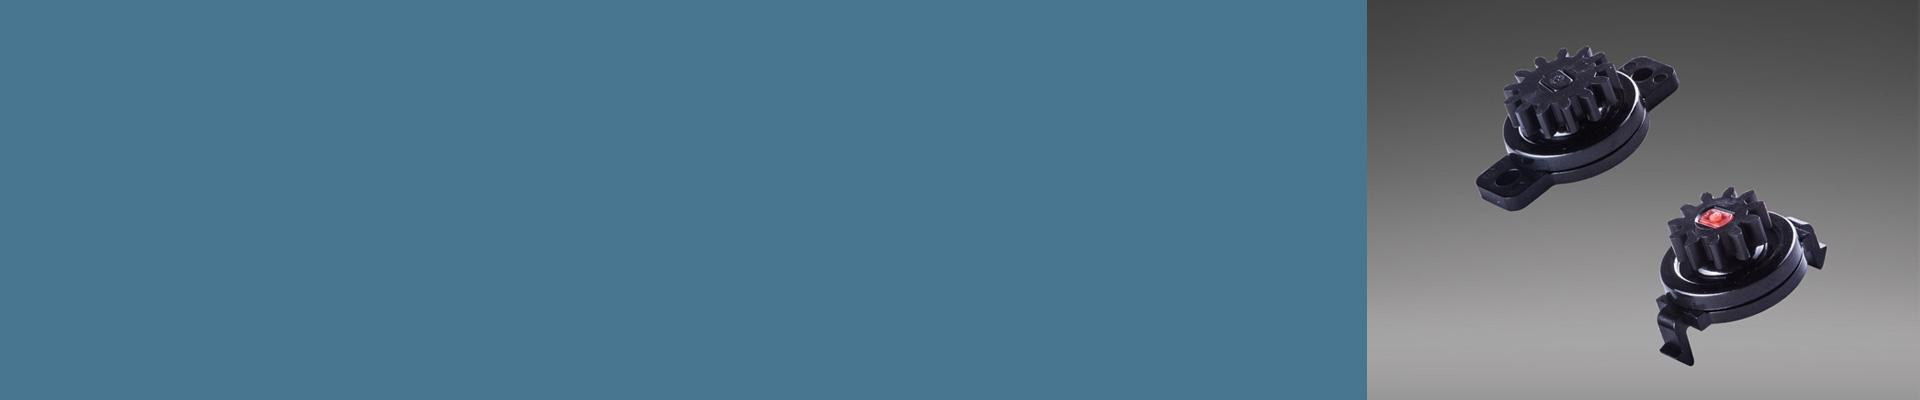 Rotationsdämpfer Schraubbar - Einfache Montage ★